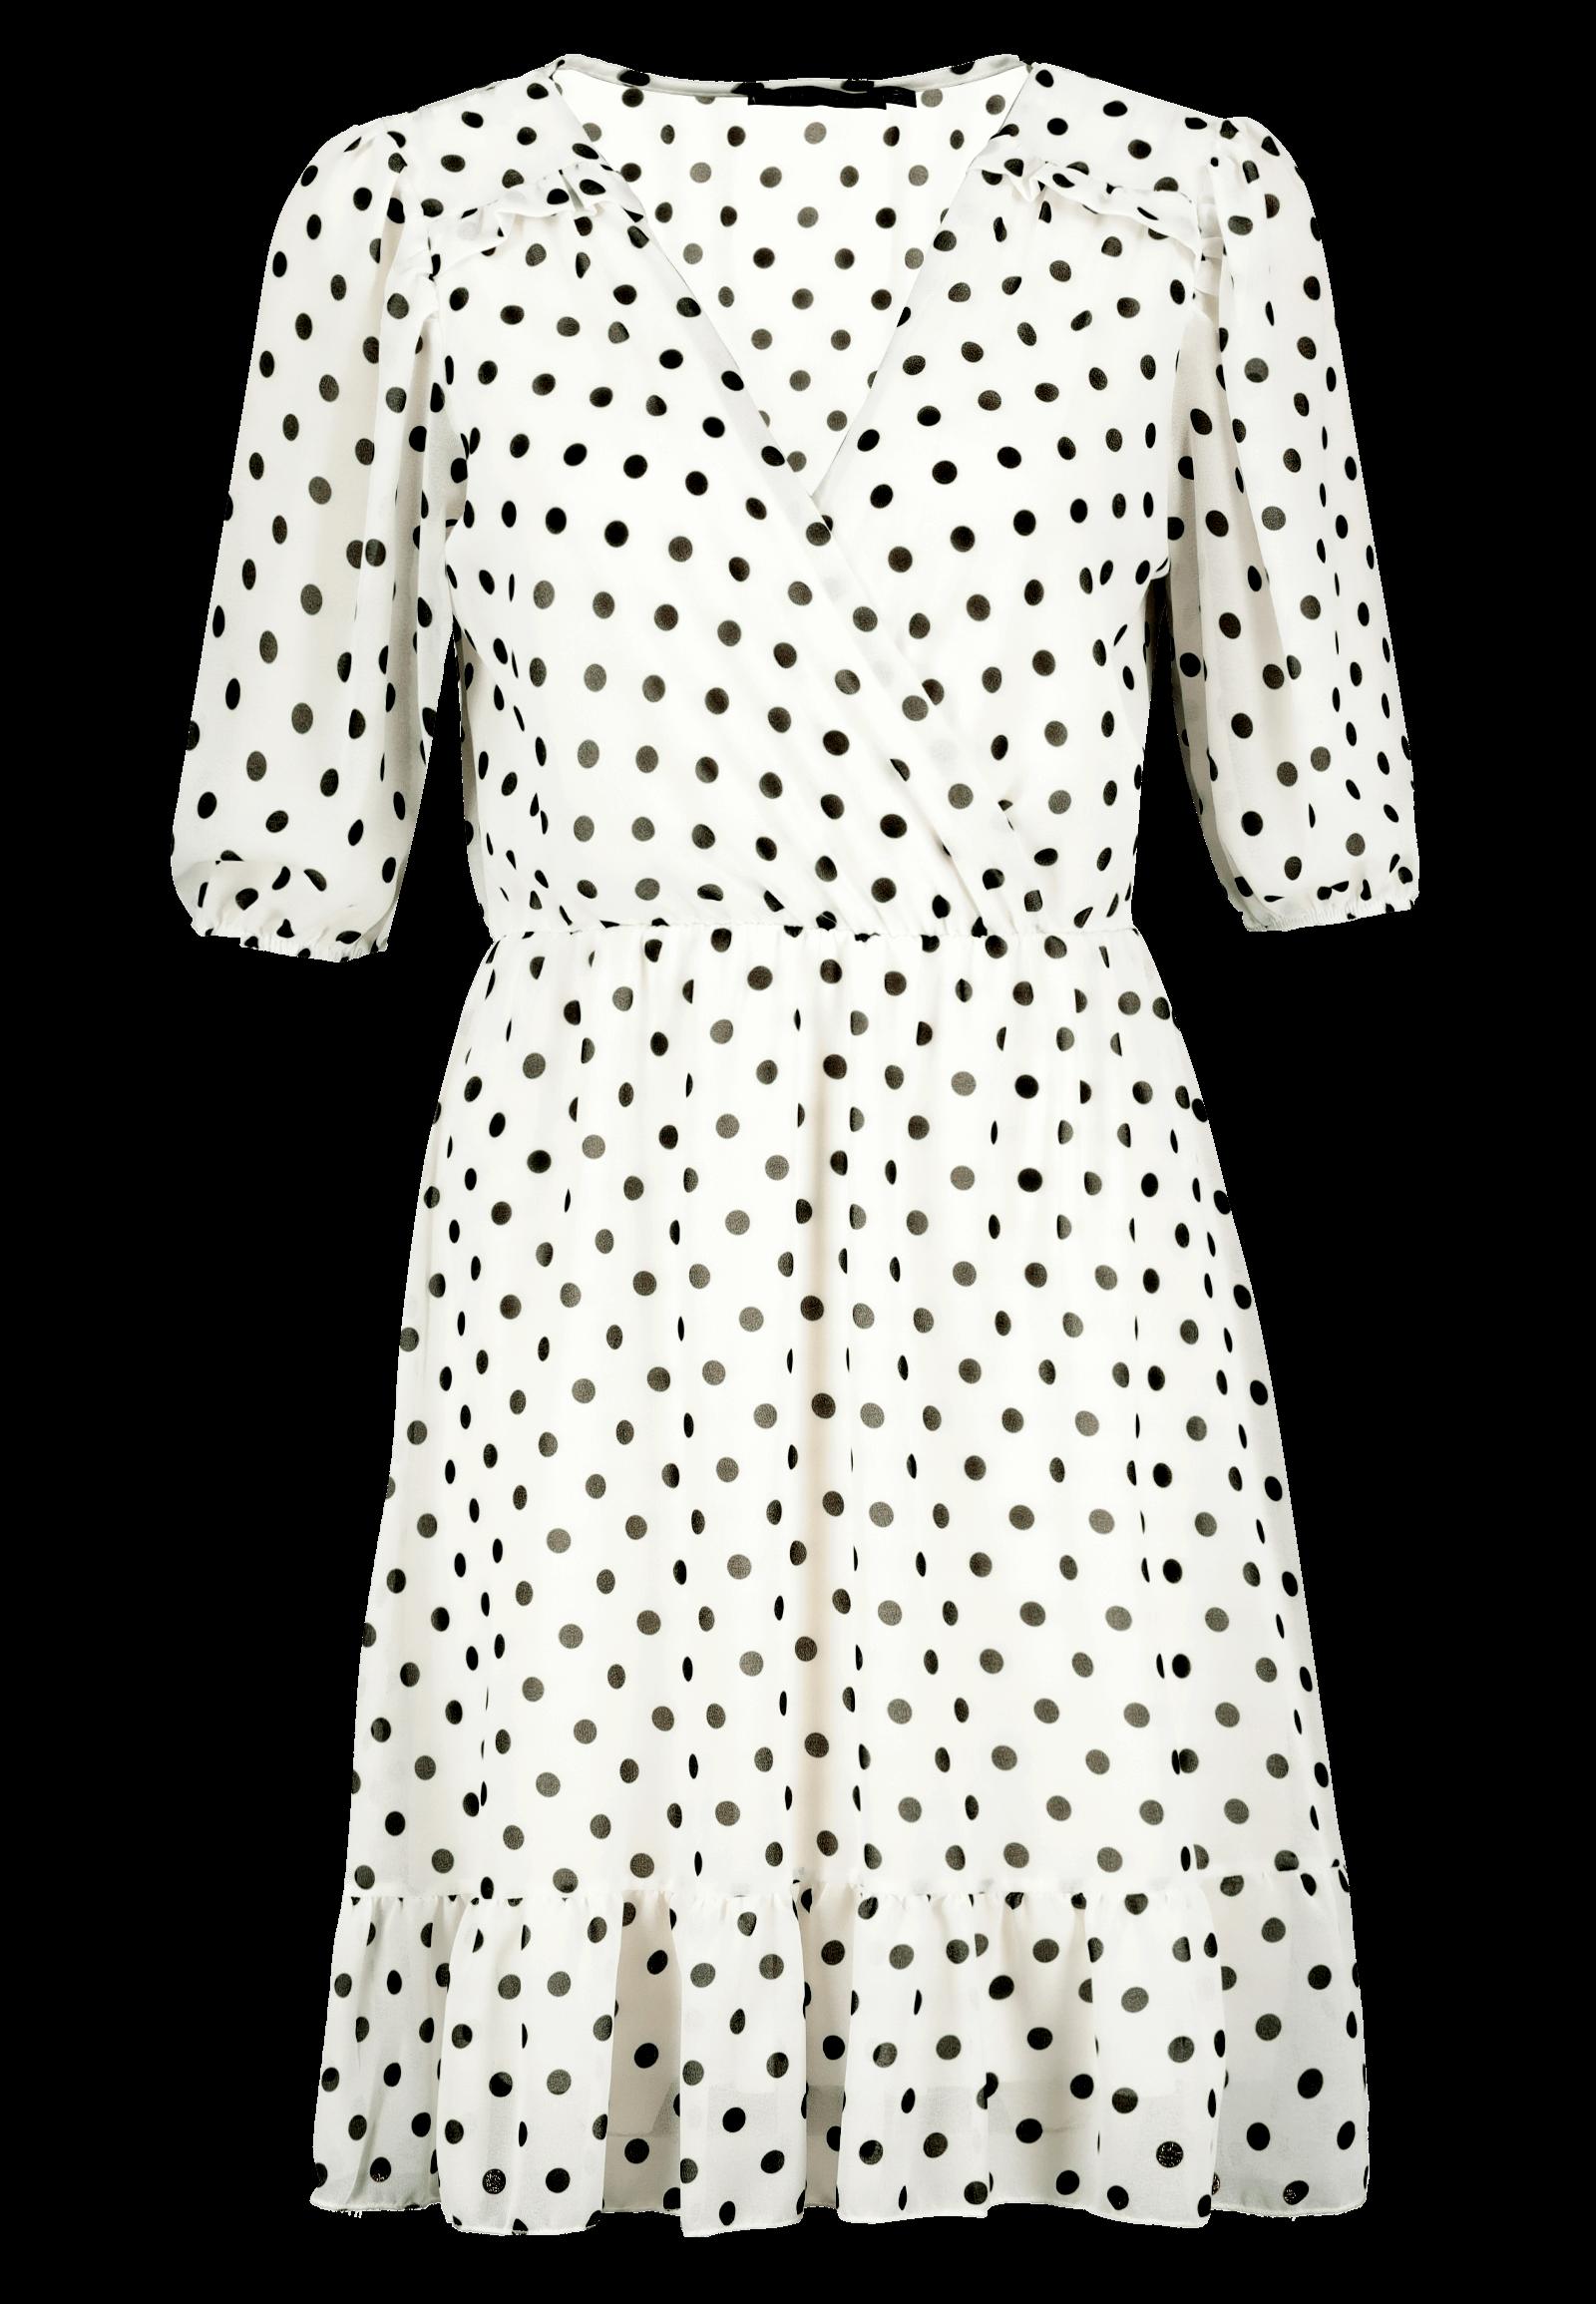 Minikleid gepunktet